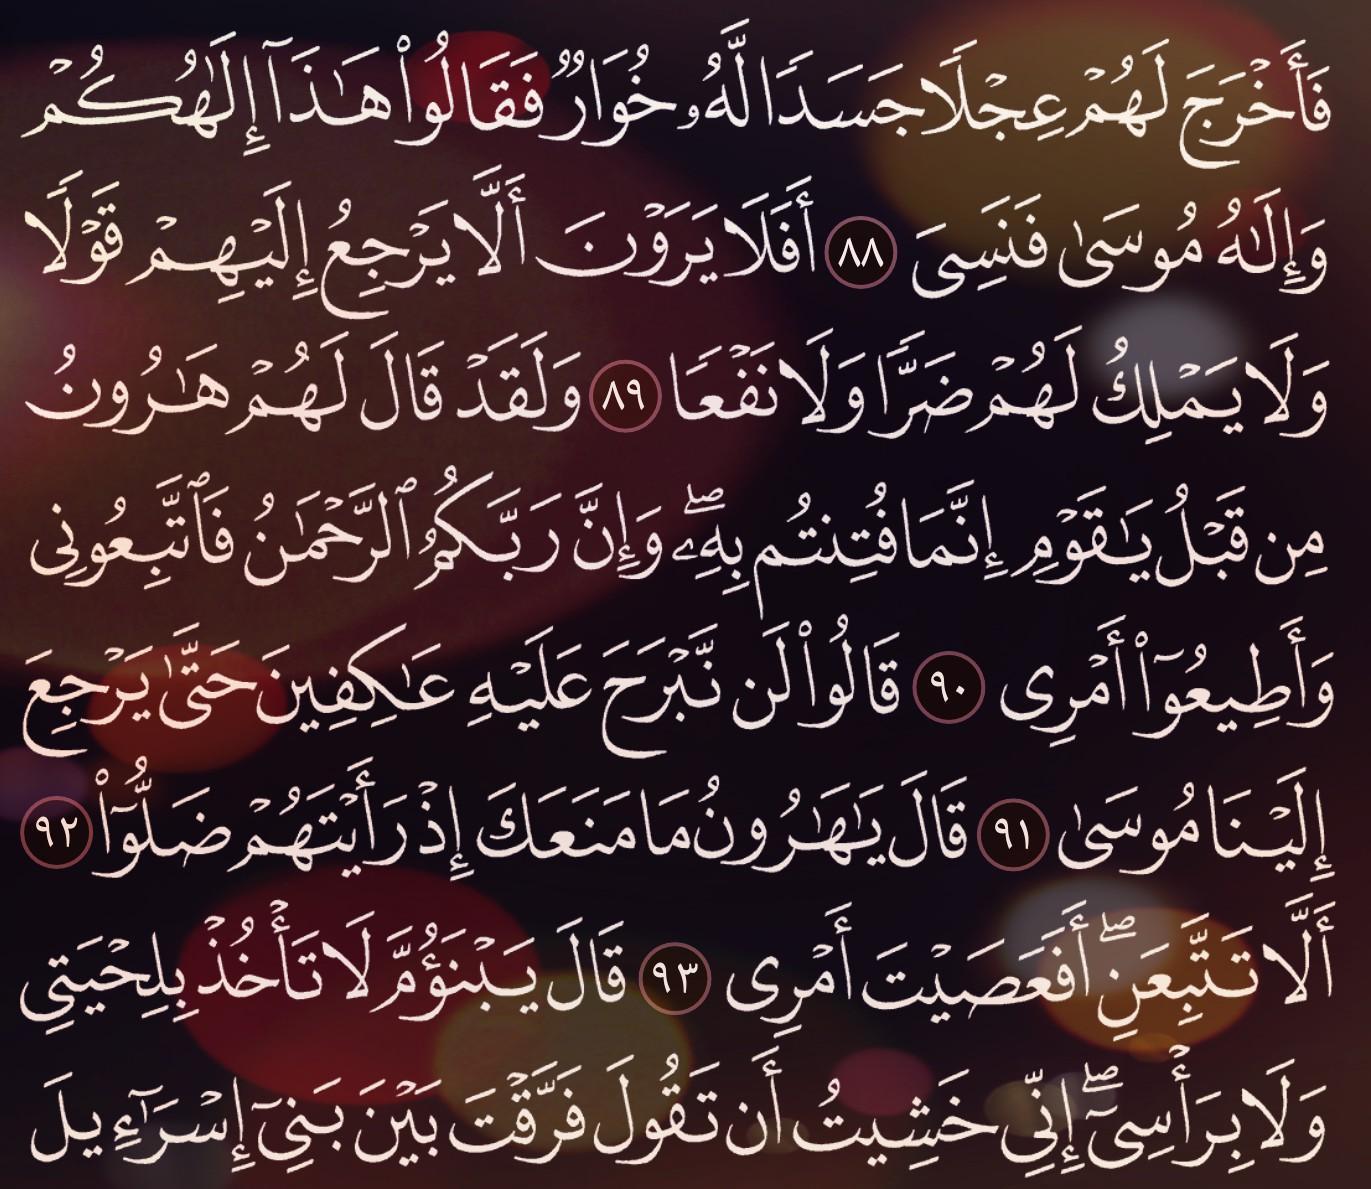 شرح وتفسير سورة طه surah Taha ( من الآية 83 إلى الاية 92 )